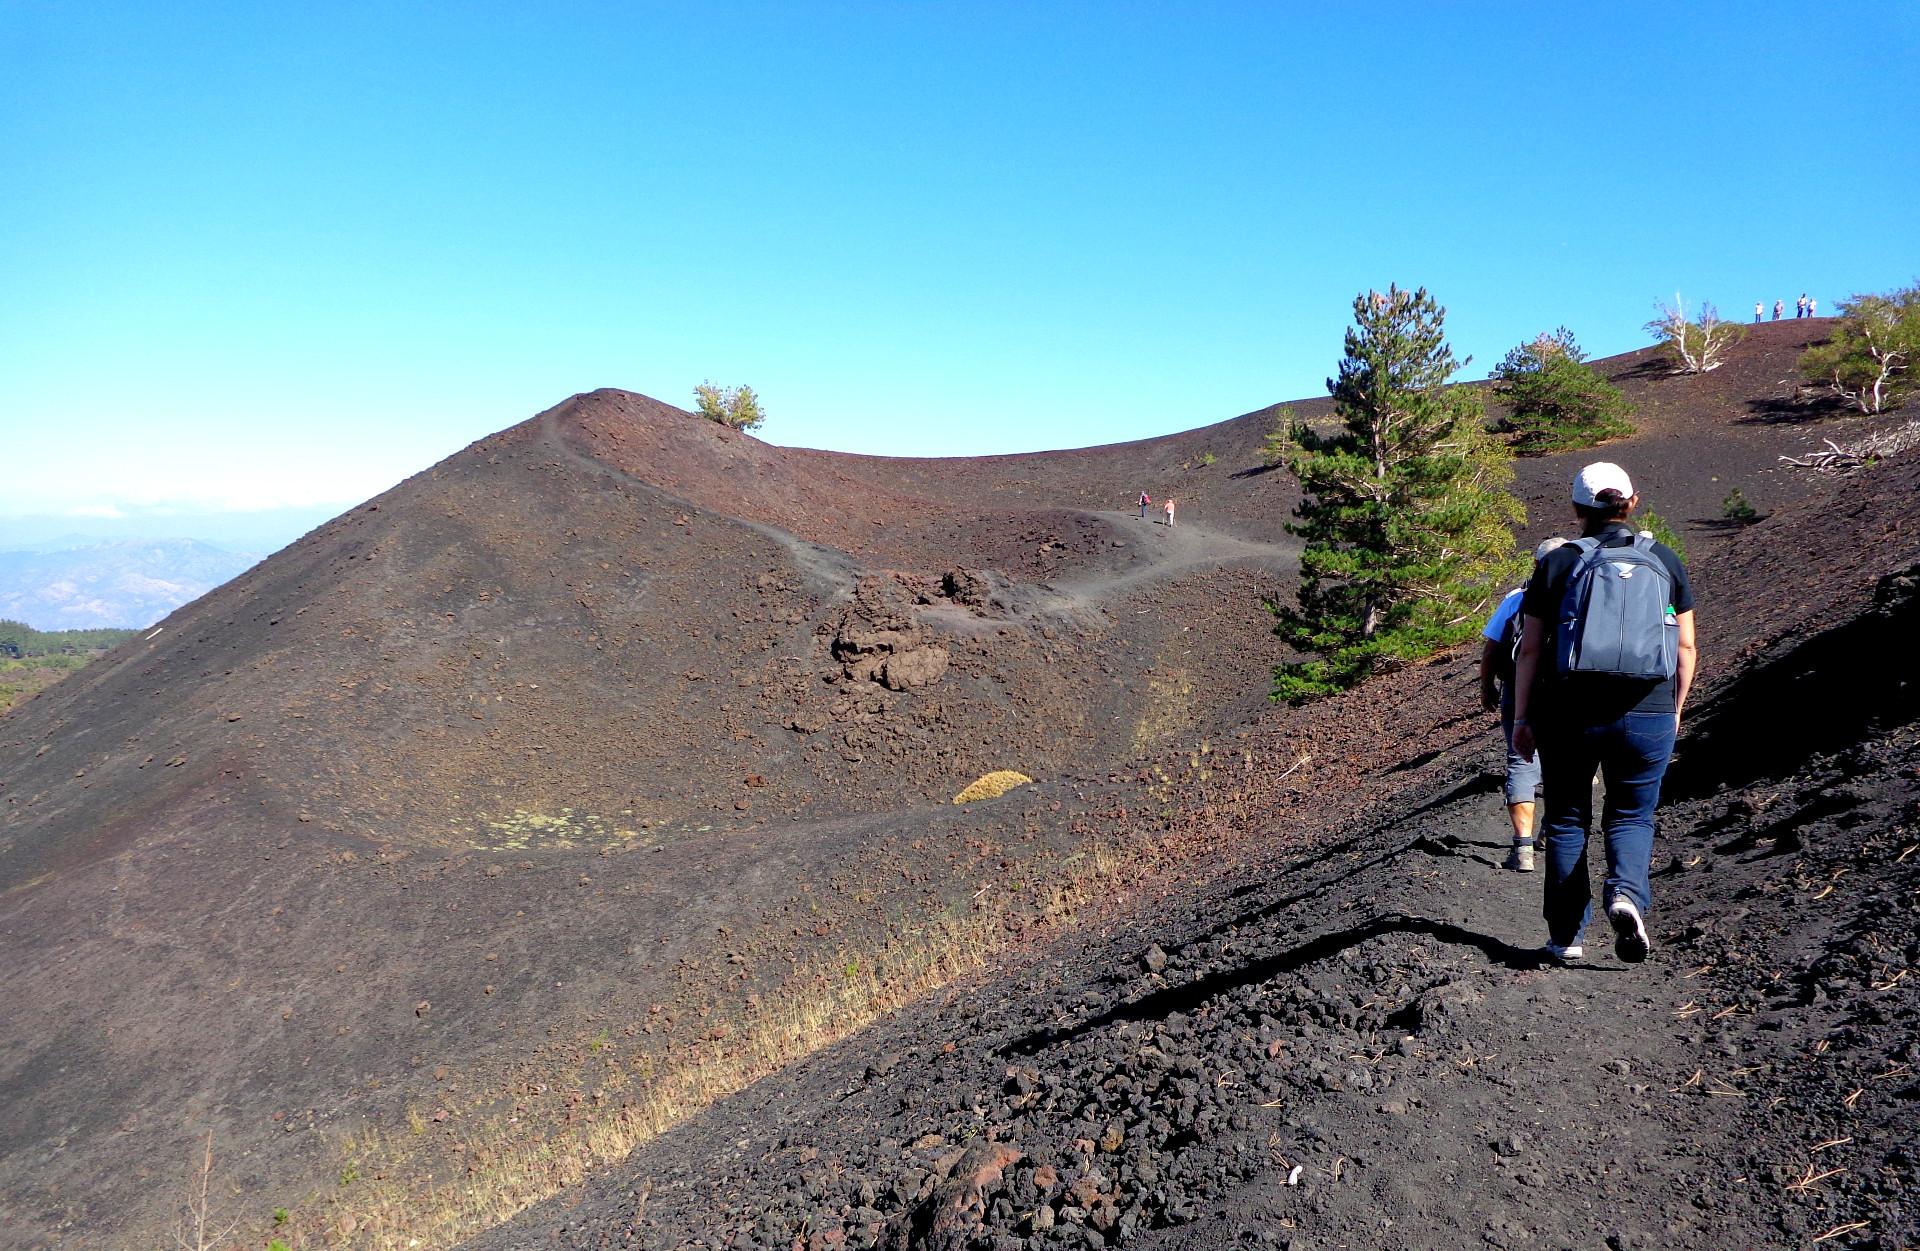 Етна, по кратерите Сарториус